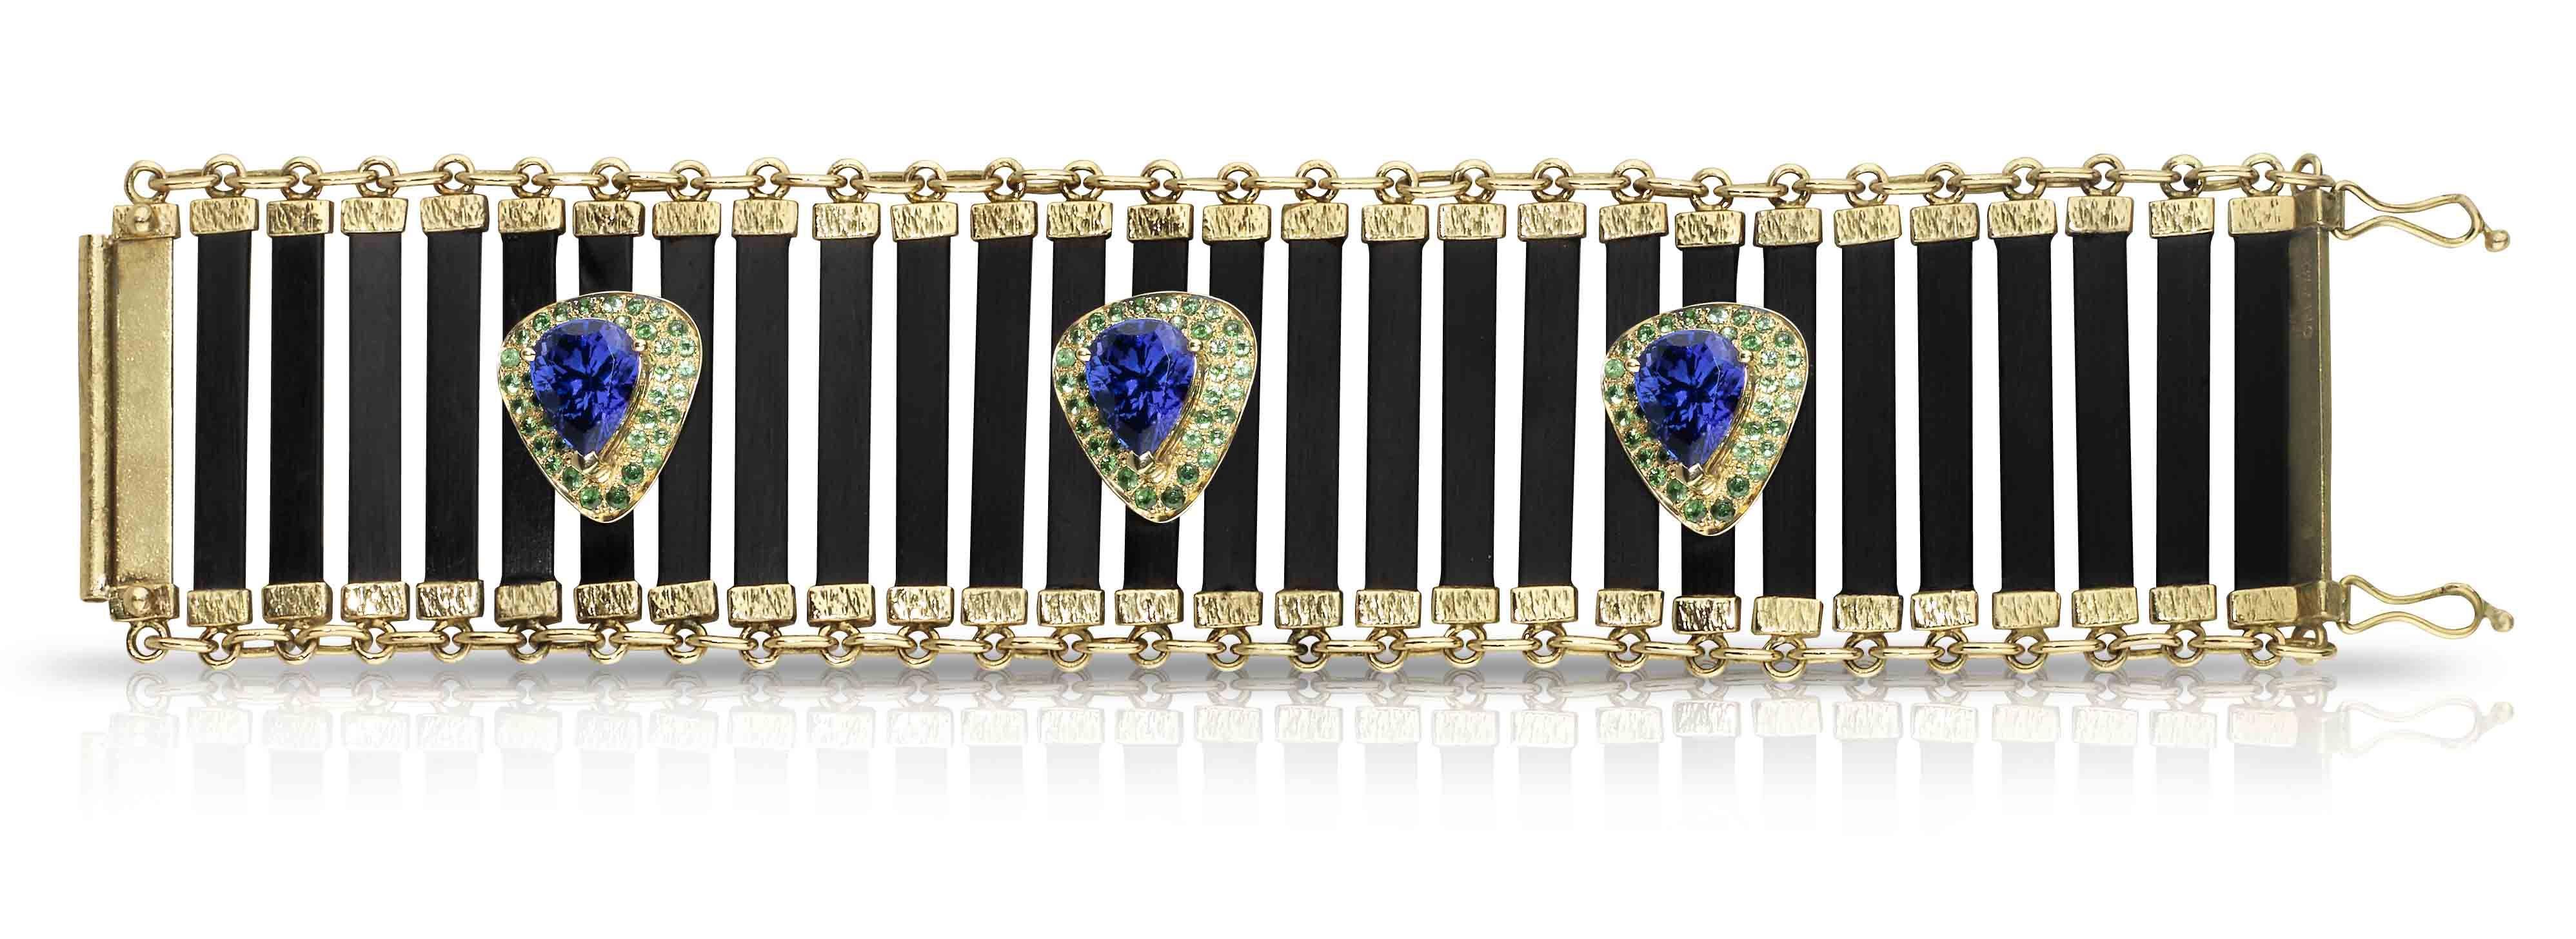 84f10a0414c2 Las joyas de Luis Uribetxebarria en el Hotel Ritz de París